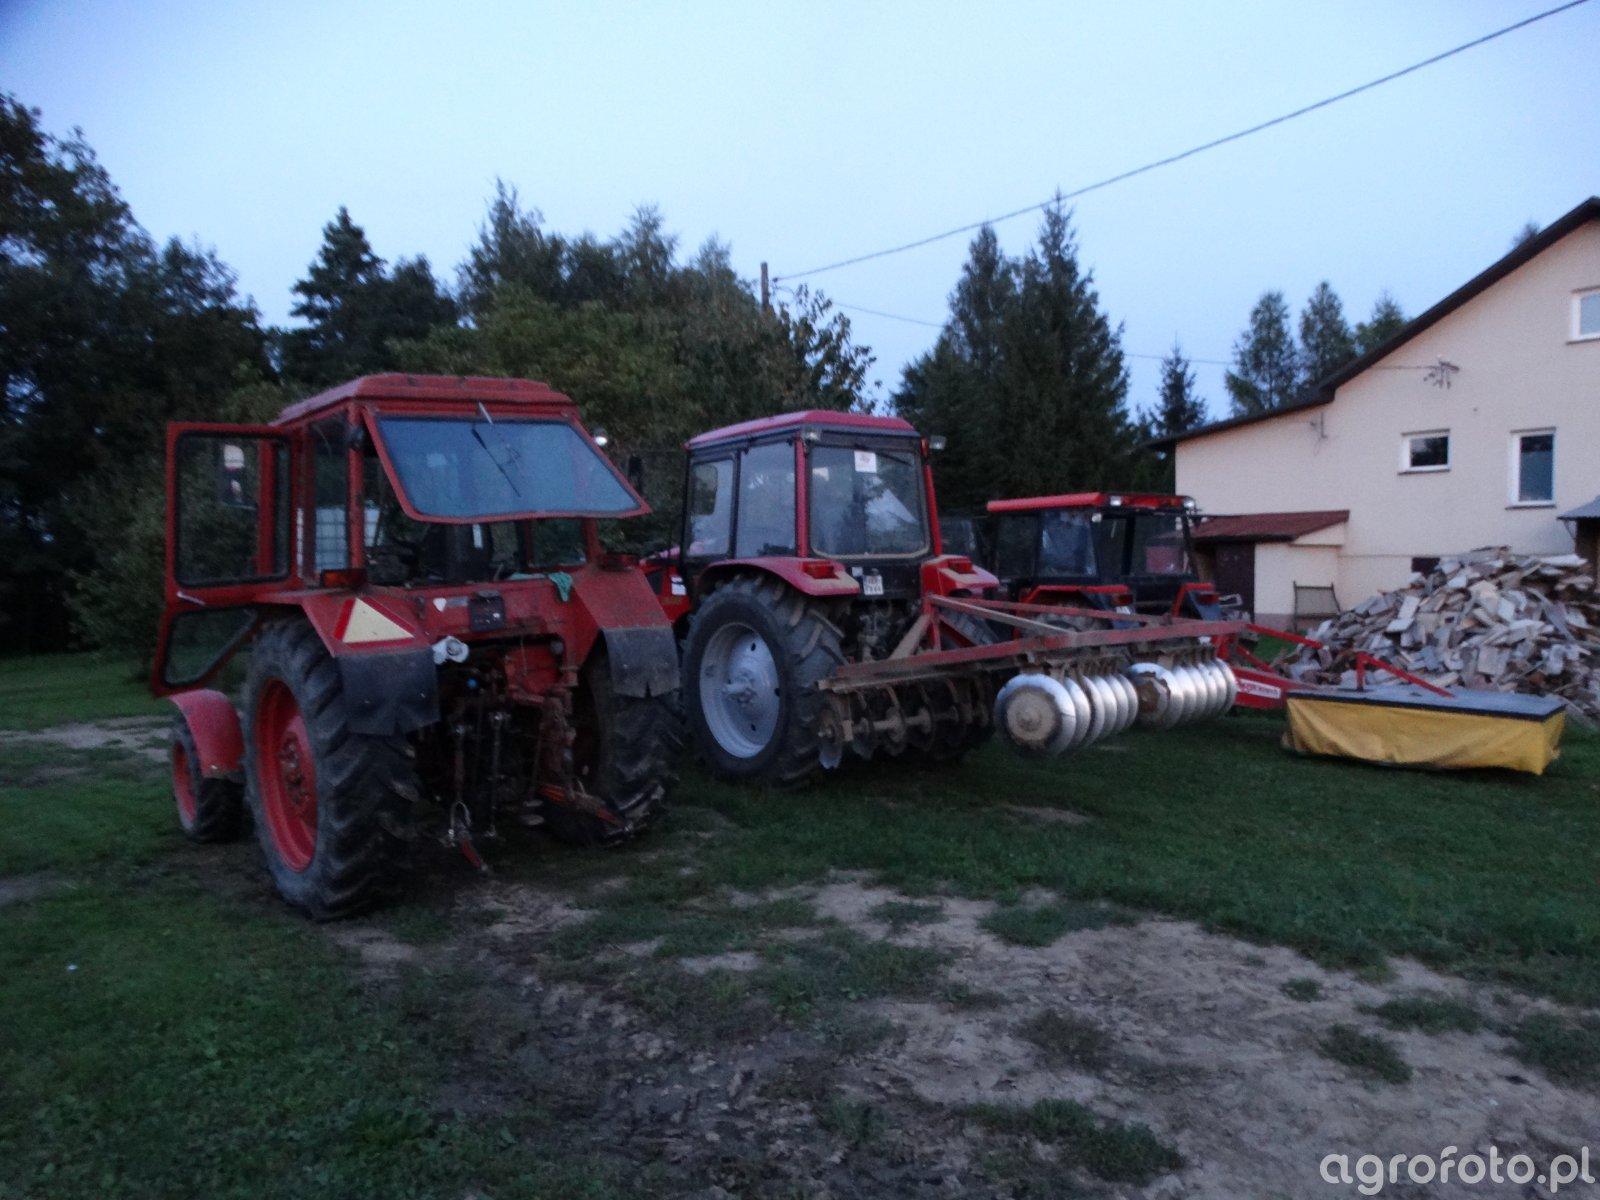 Mtz 82 & Mtz 1221.3 & Ursus C-360